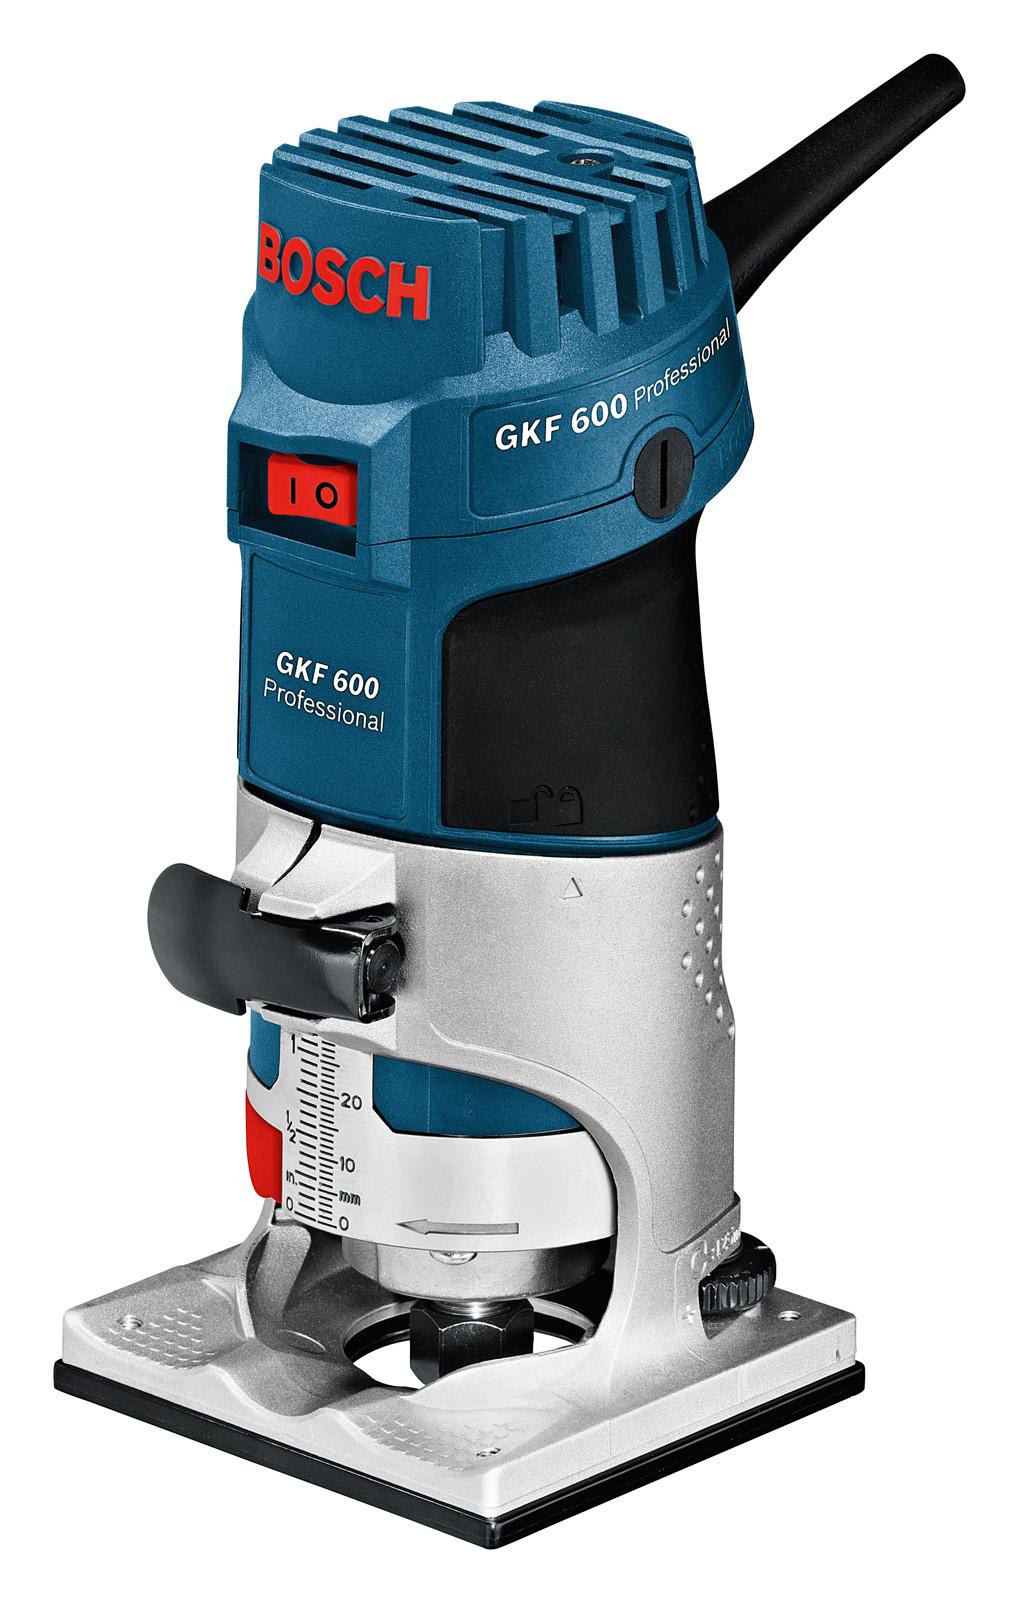 Кромочный фрезер Bosch Gkf 600 (0.601.60a.100) bosch gkf 600 professional 060160a101